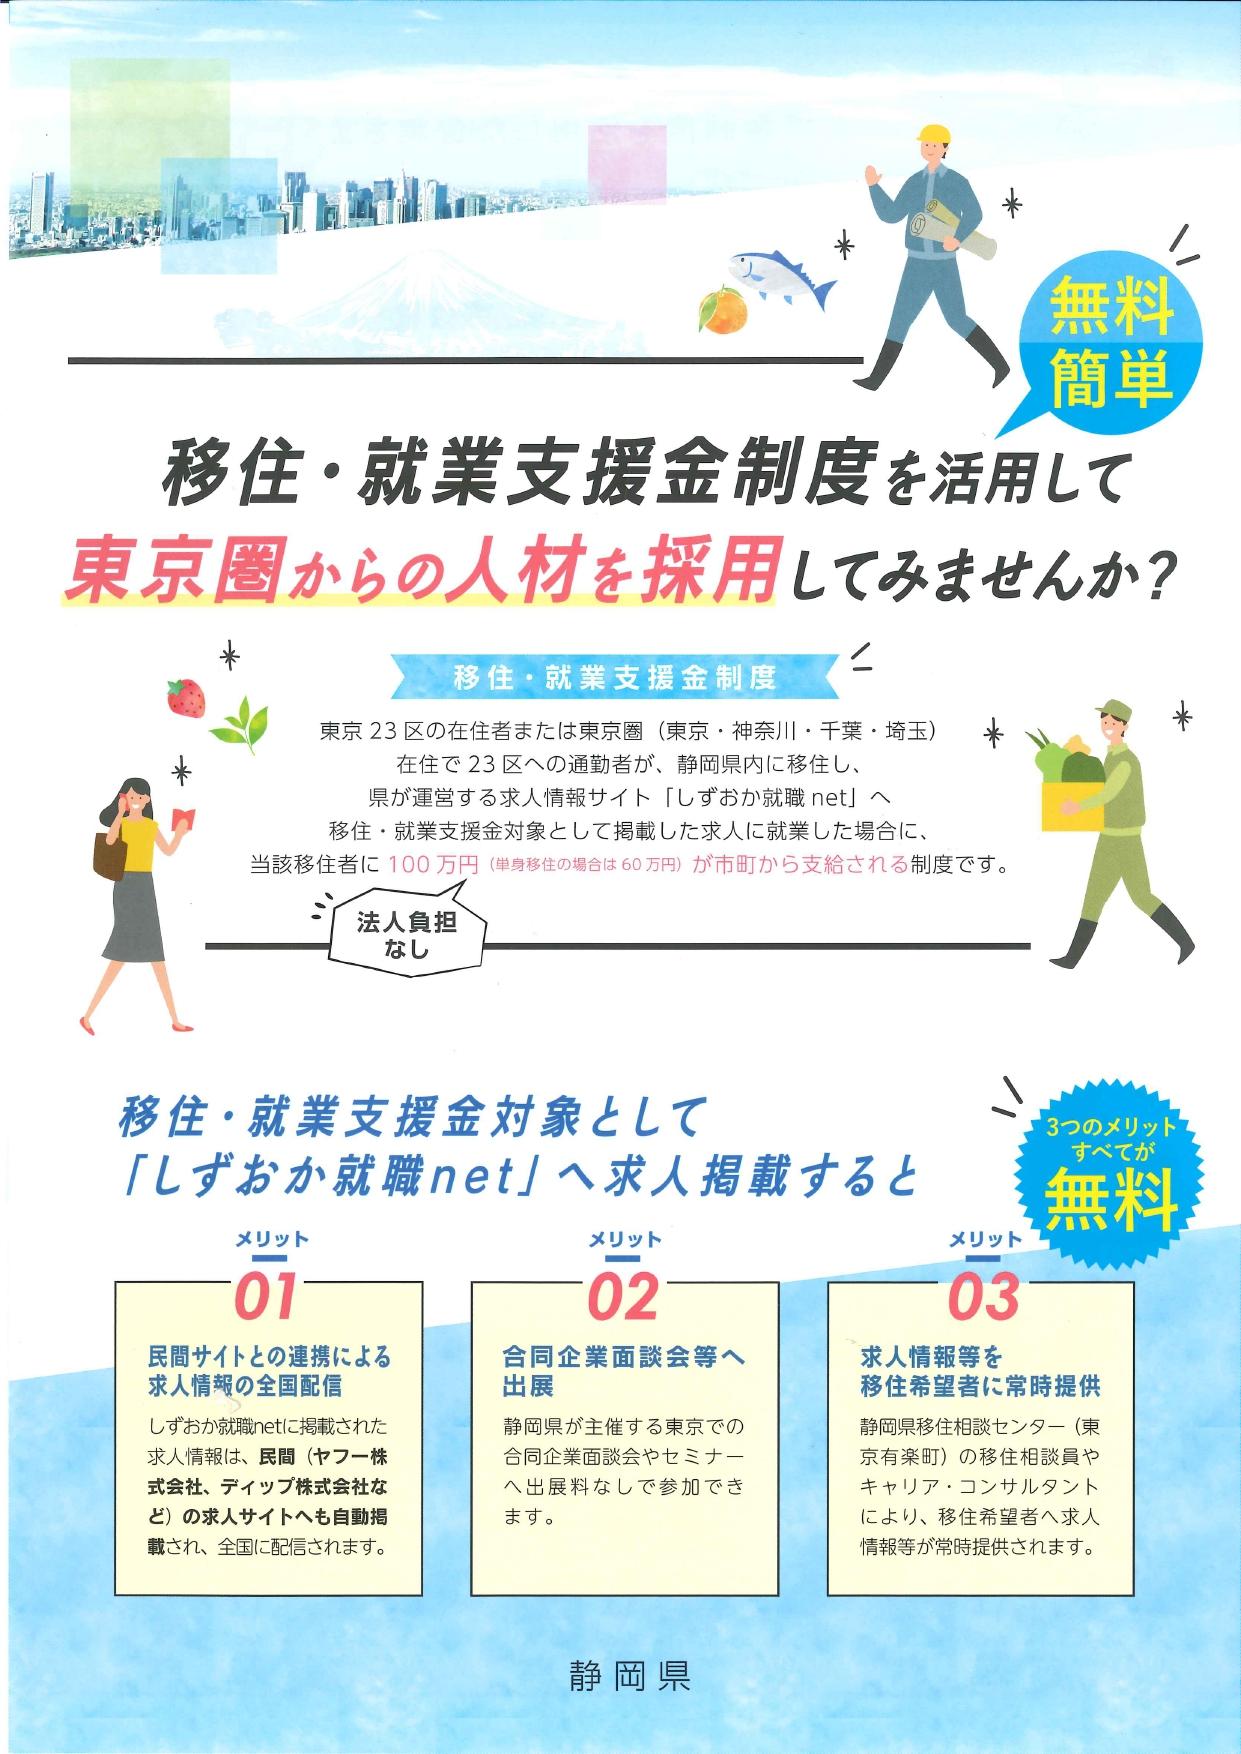 静岡県「移住・就業支援金制度」のパンフレットに掲載されました